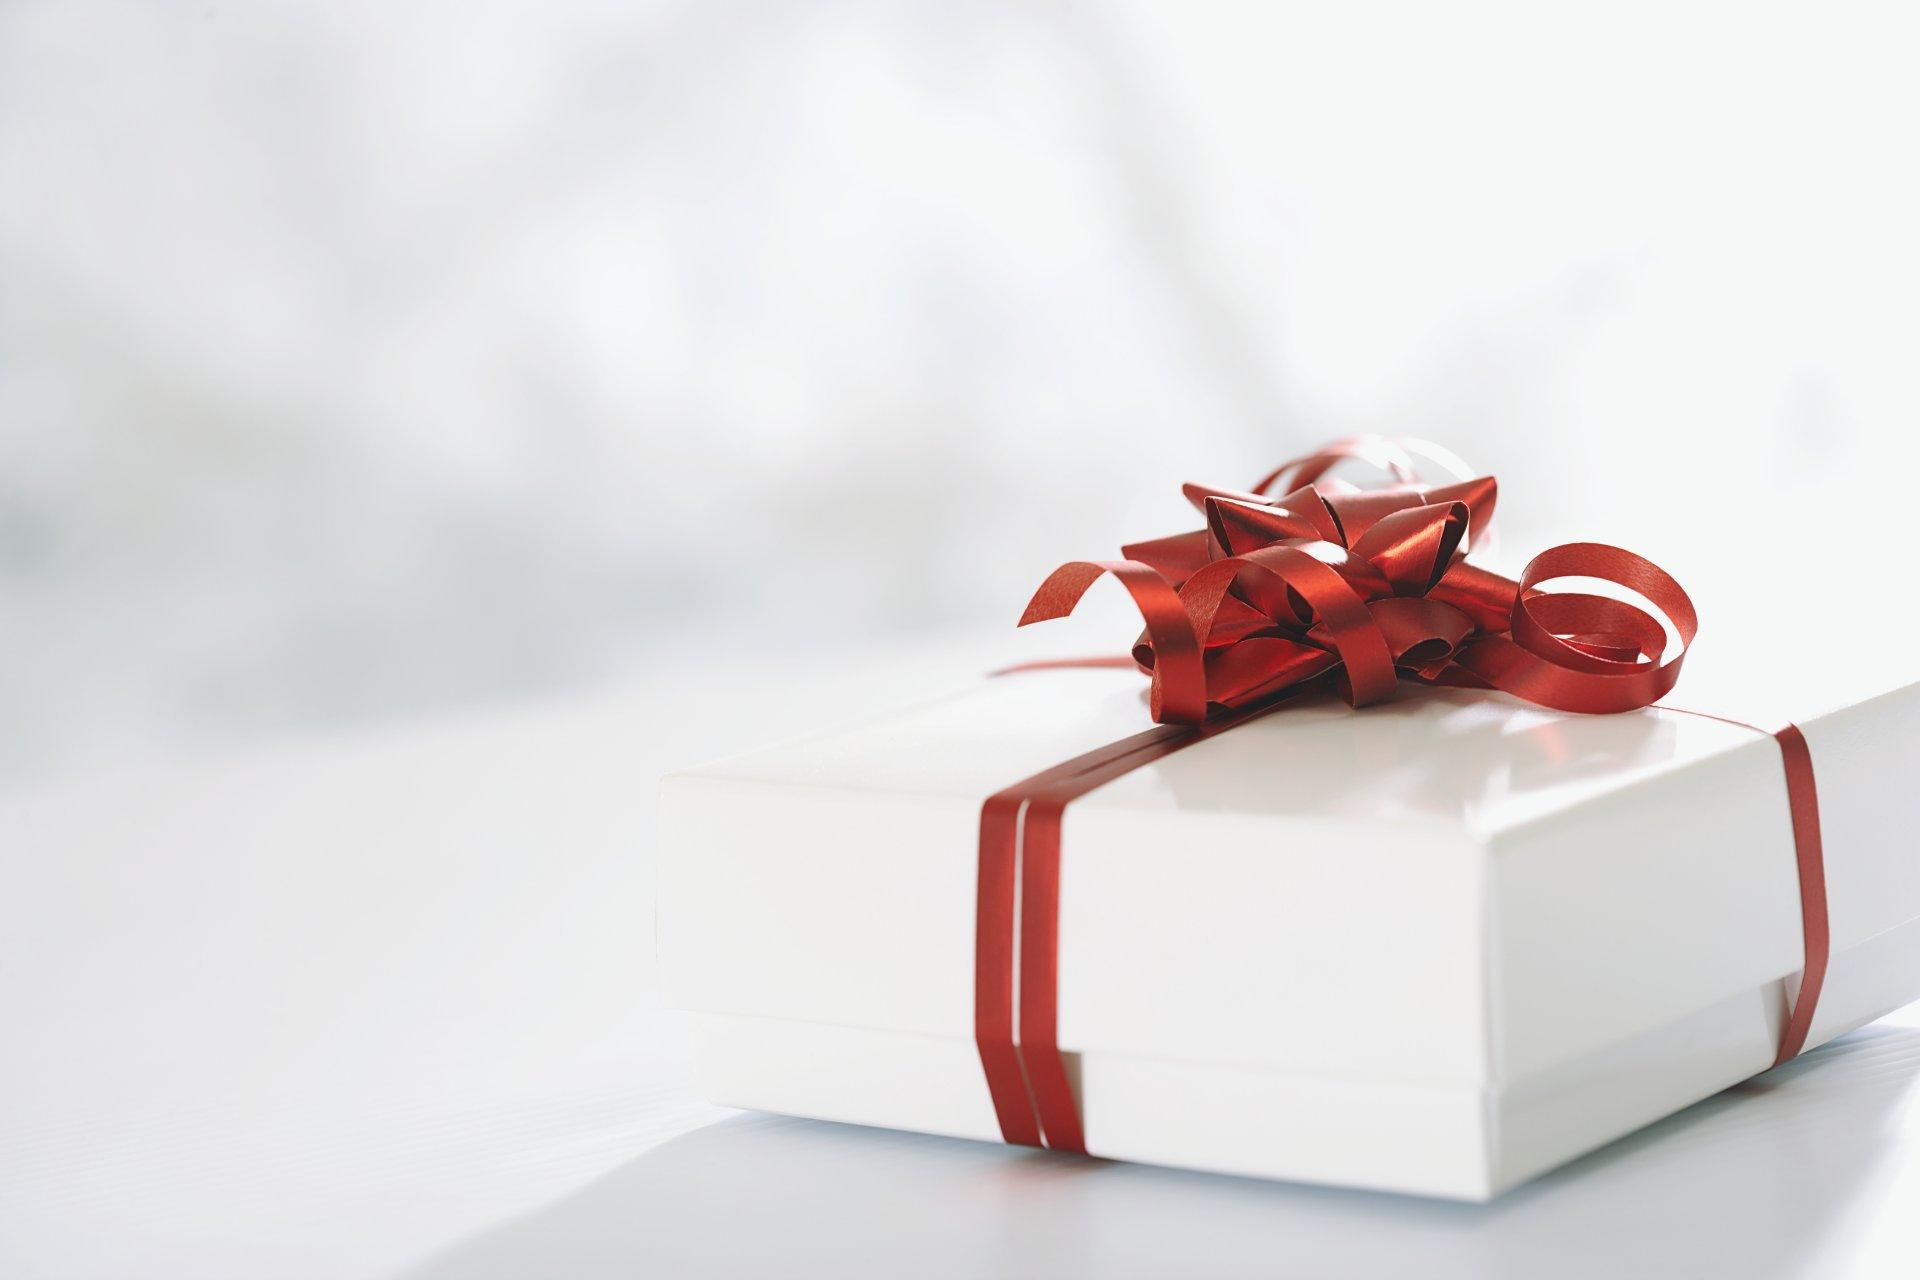 Подарки на день рождения, купить прикольный подарок 56